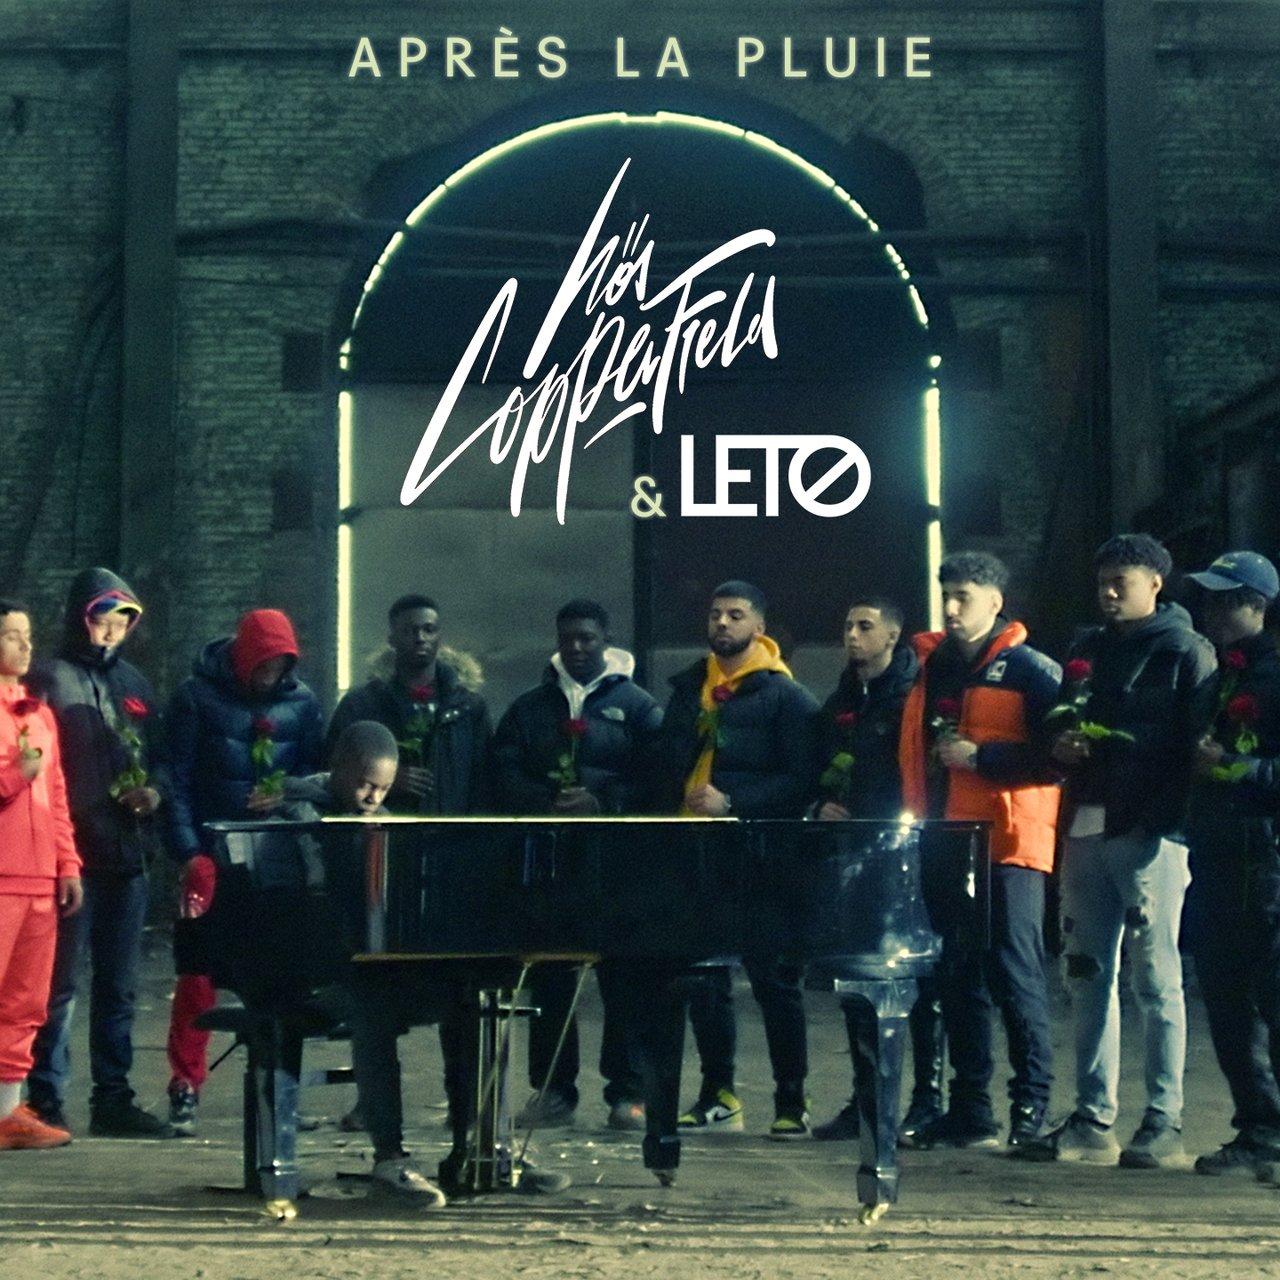 Hös Copperfield - Après La Pluie (ft. Leto) (Cover)